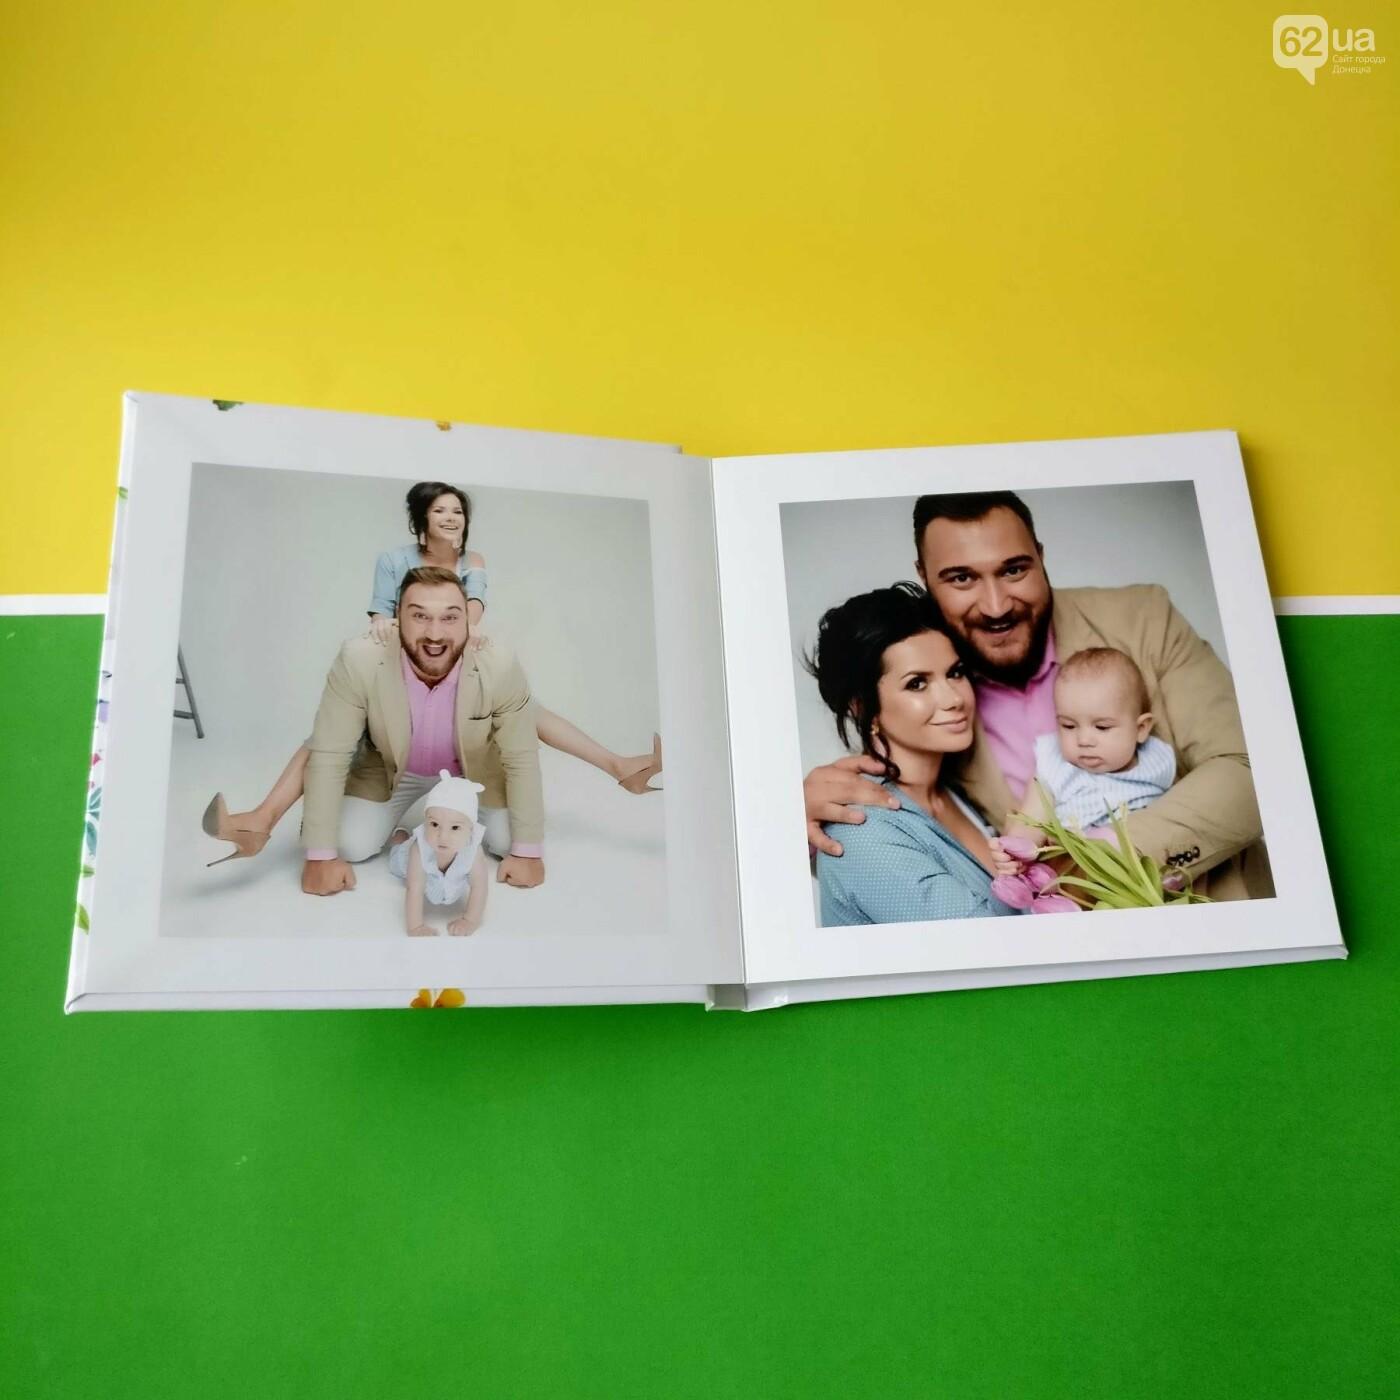 История успеха: Как мариупольчанка превратила счастливые моменты в бизнес, - ФОТО, ВИДЕО, фото-5